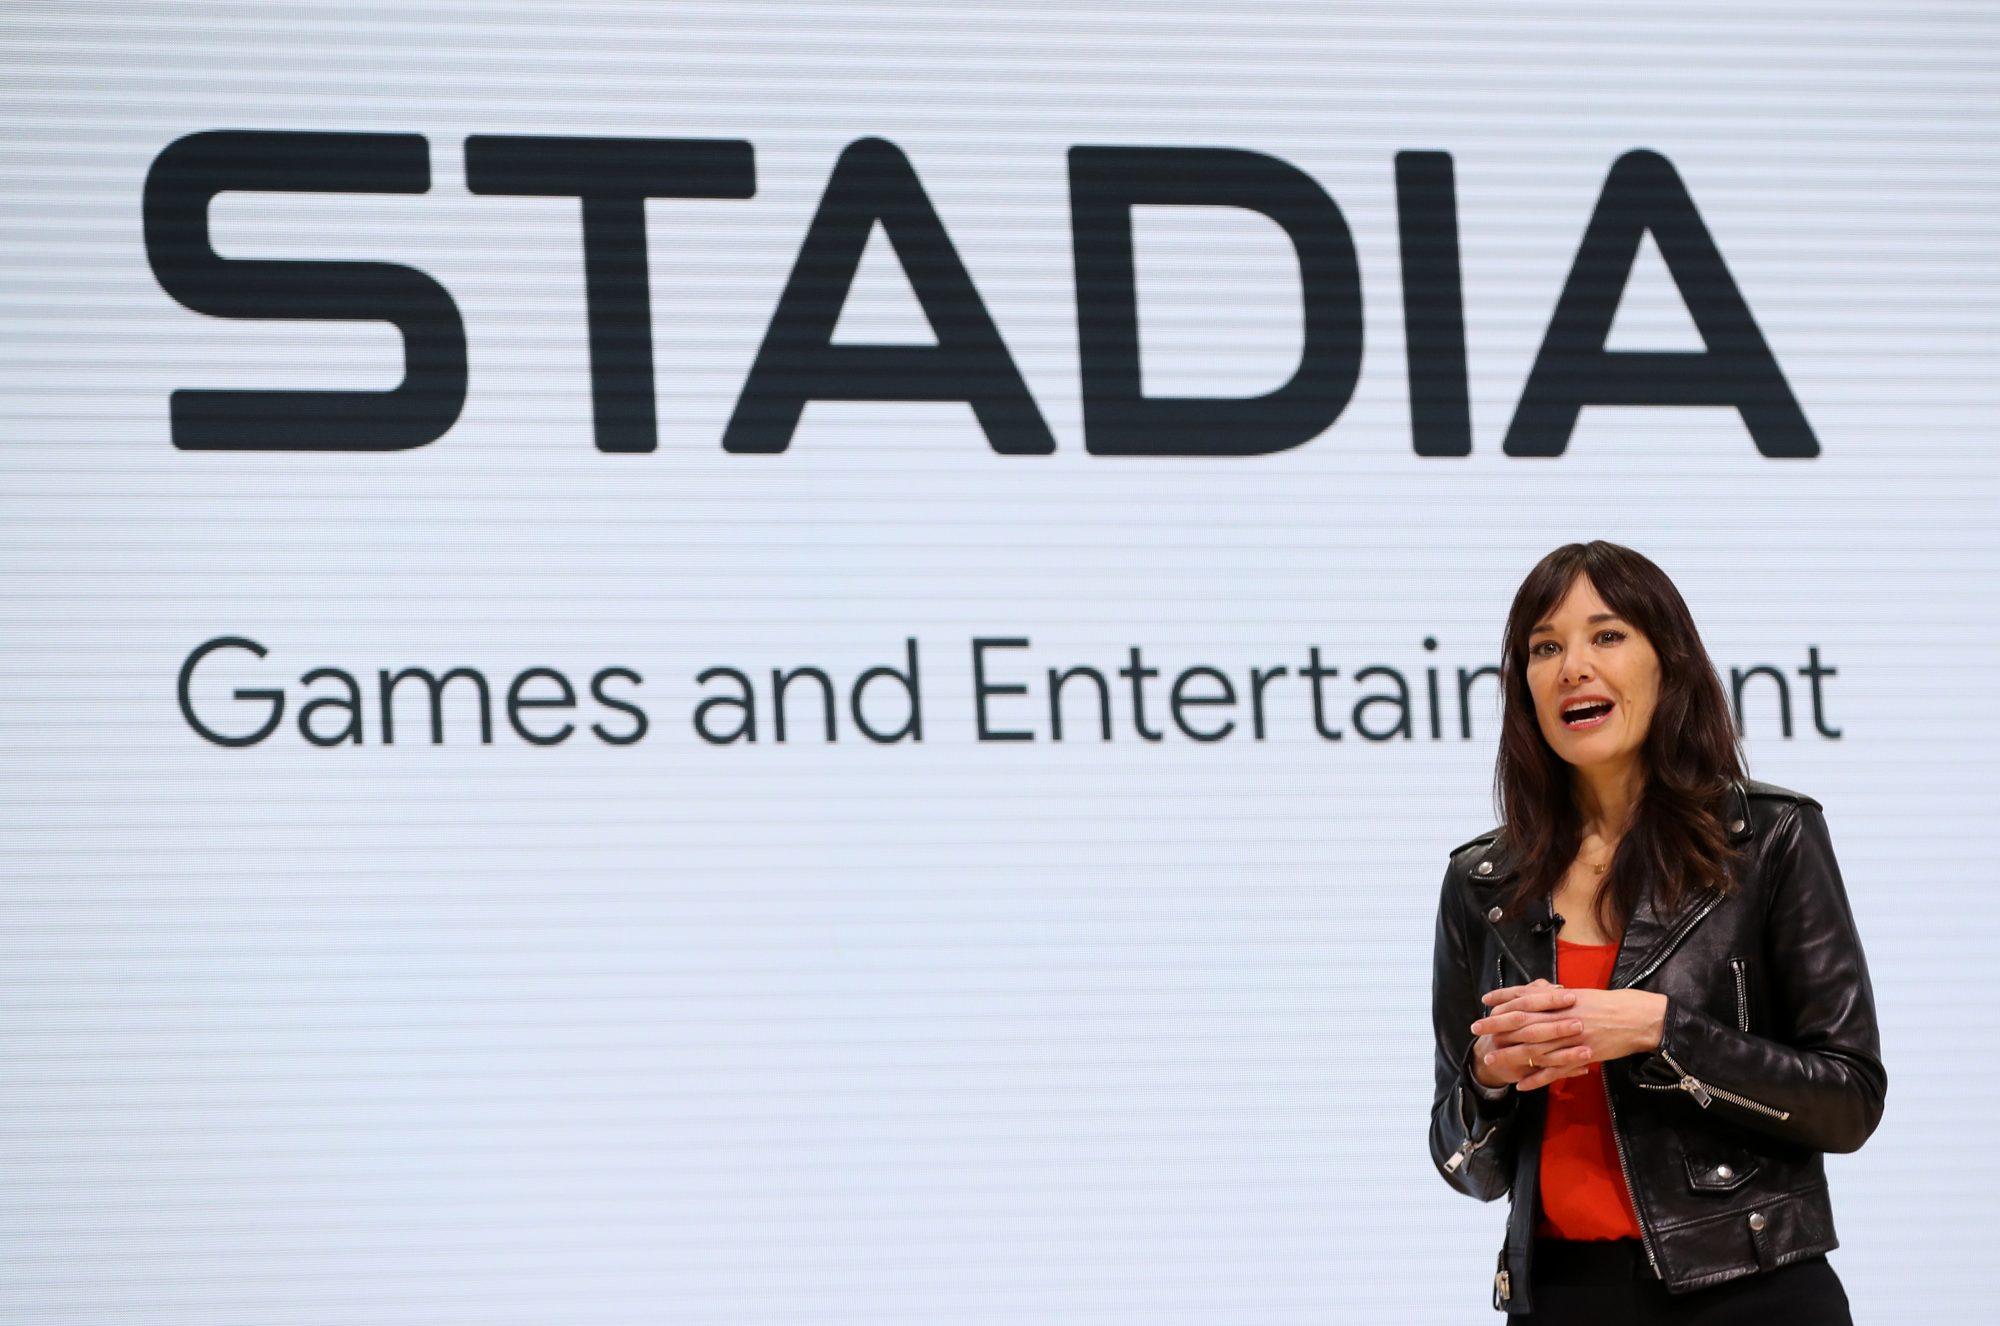 Jade Raymond quitte Google, qui ferme ses studios de jeux vidéo